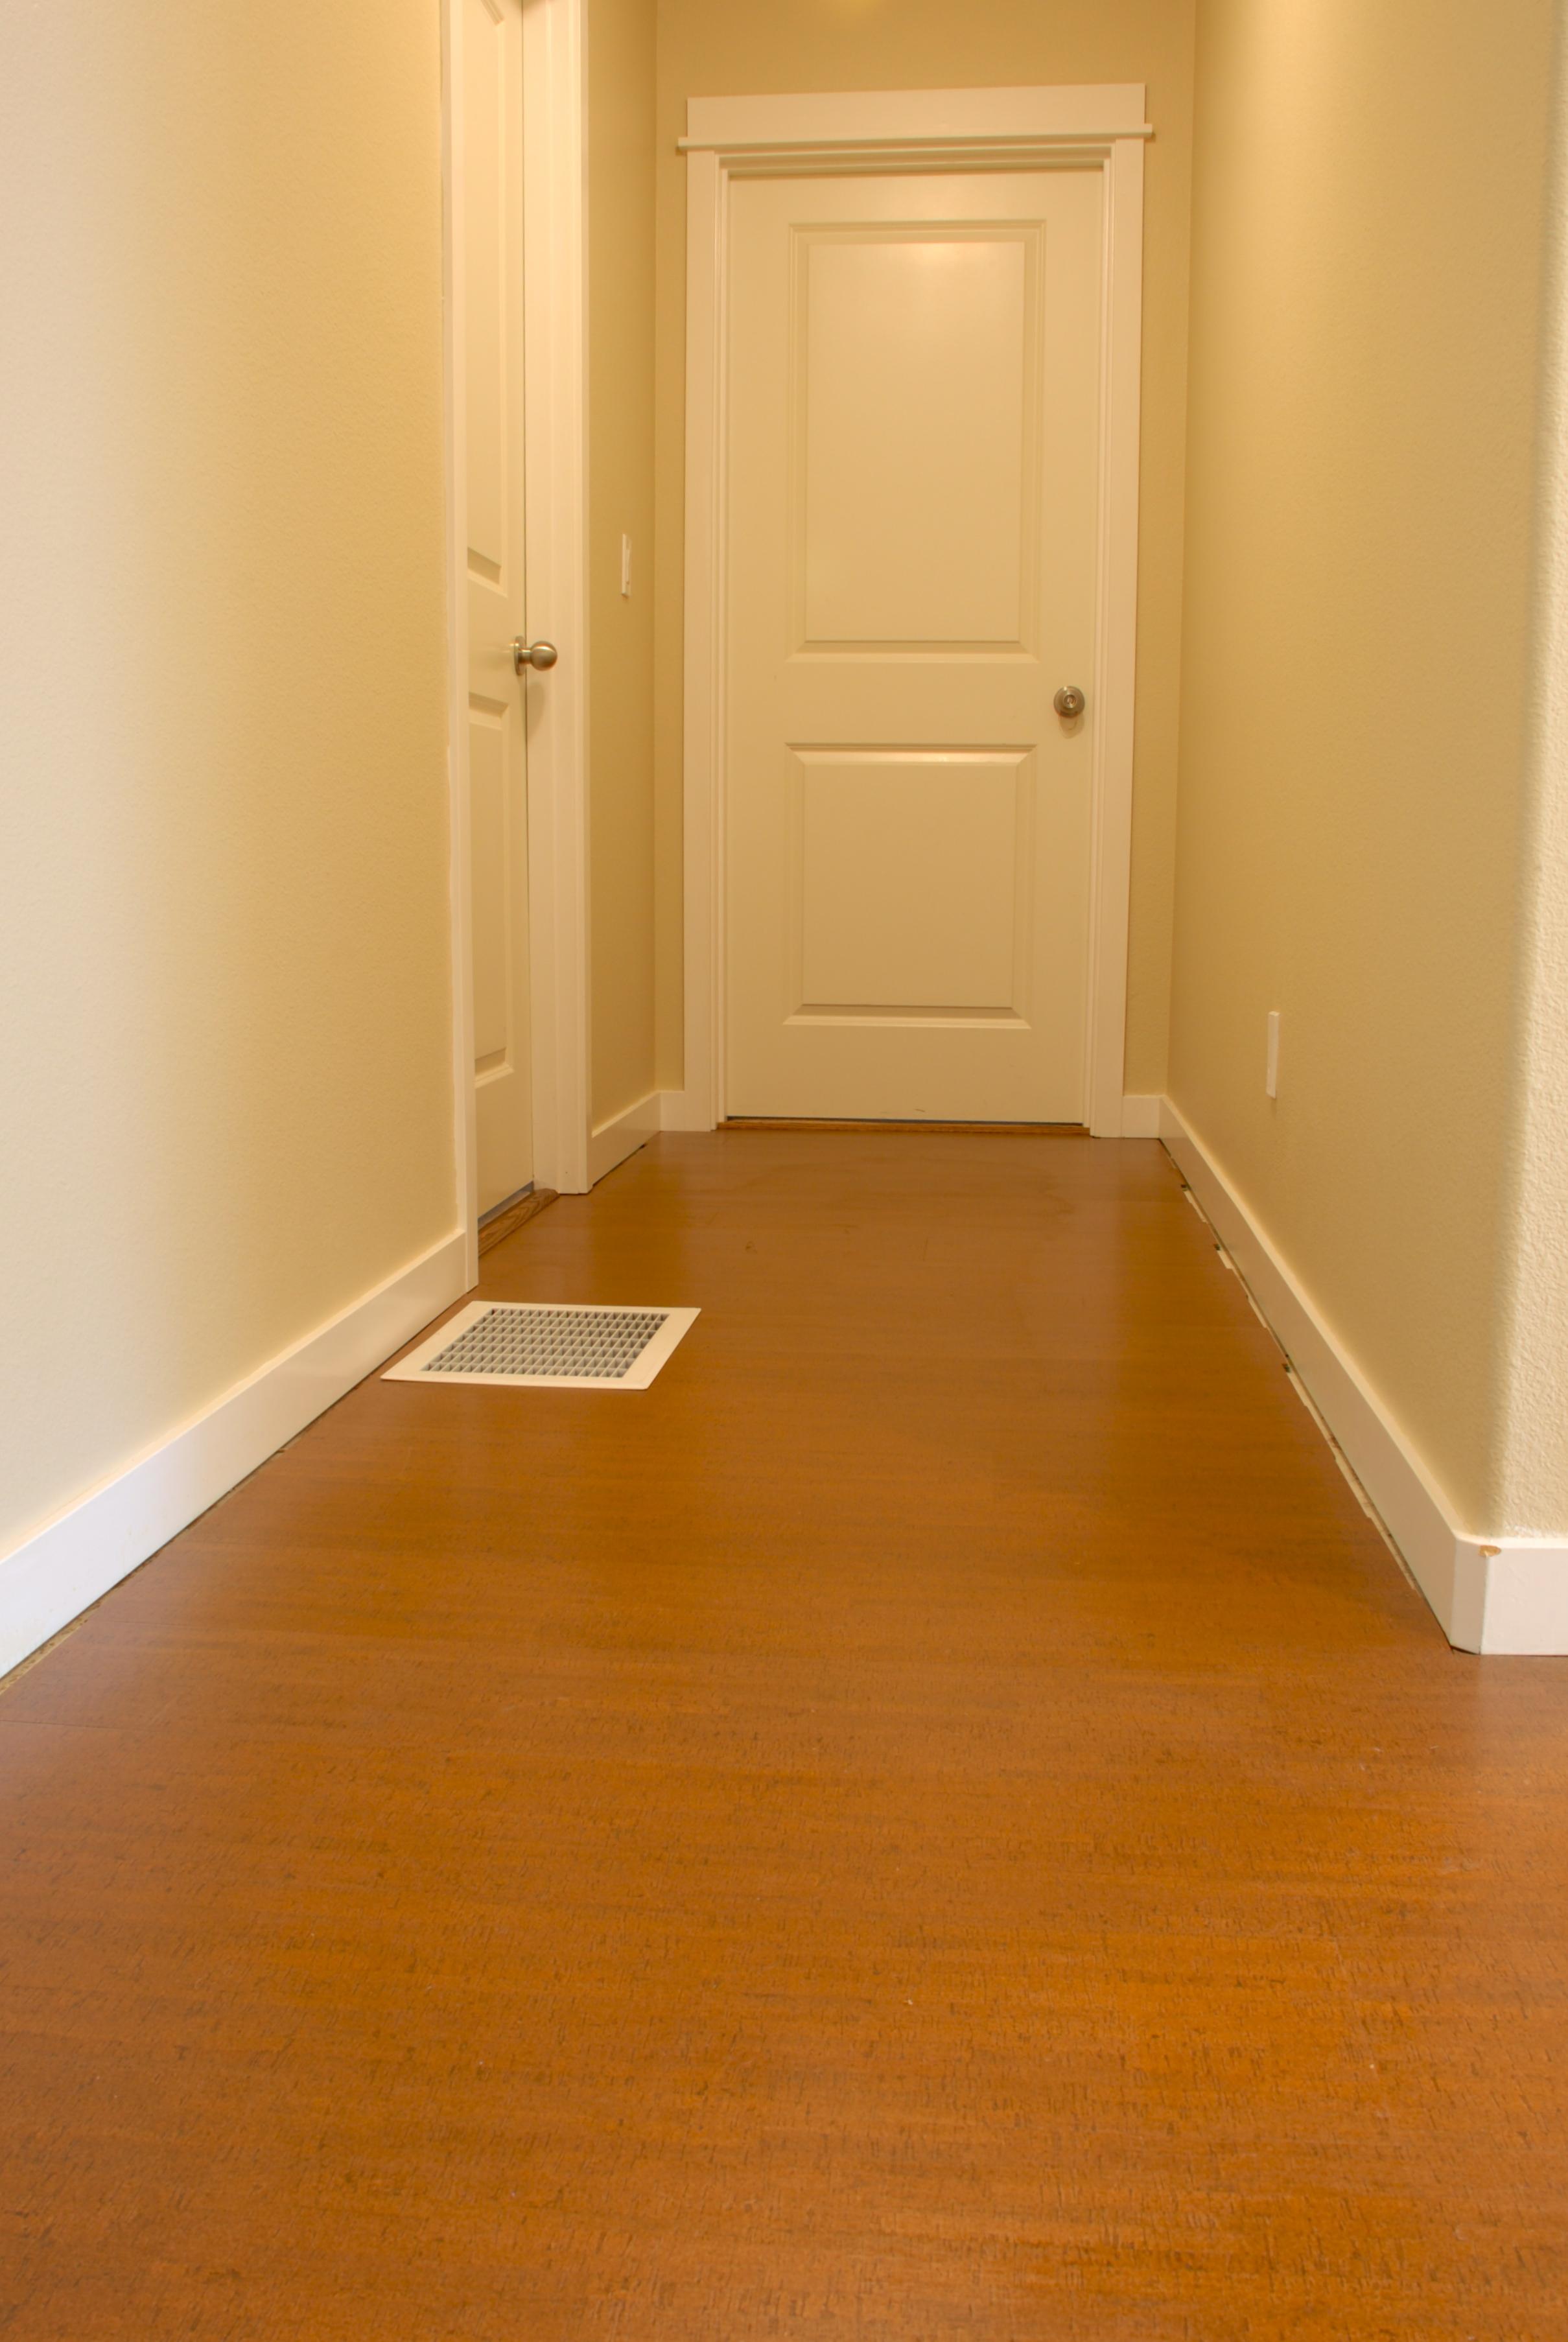 cork floor redux cork flooring kitchen Hallway before shoe molding